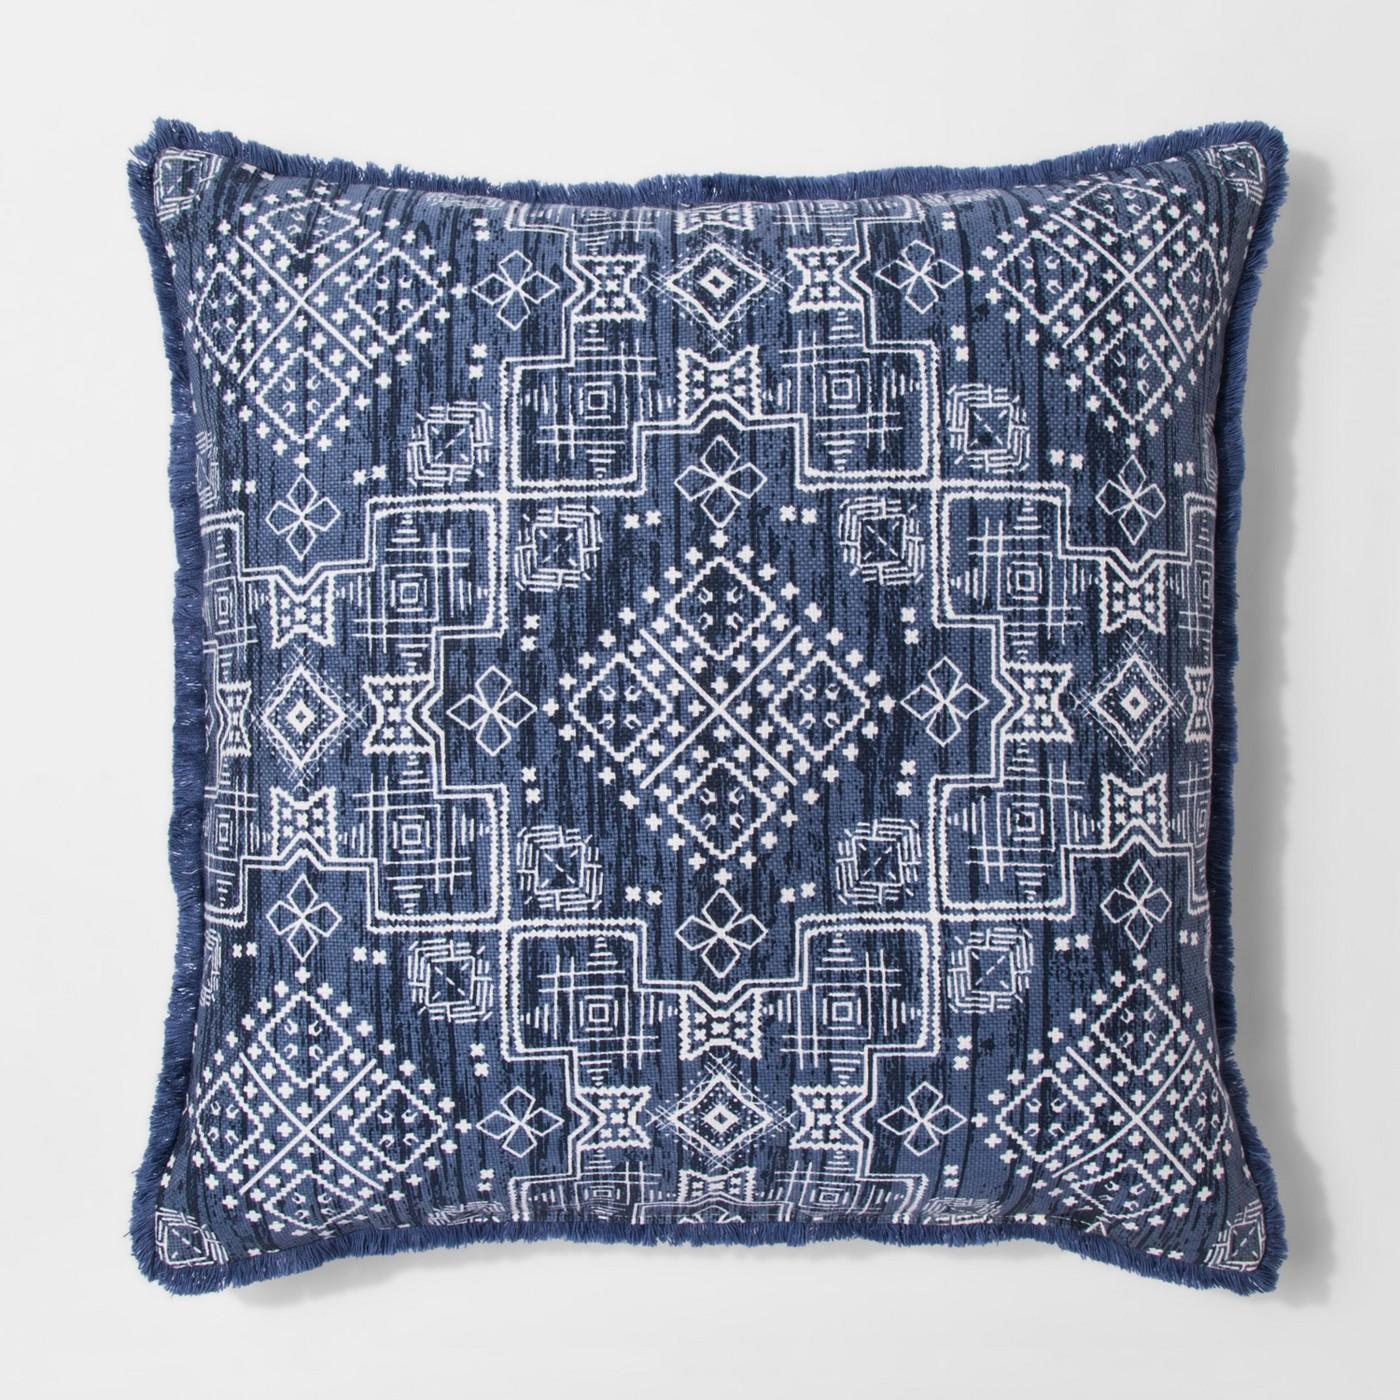 Blue Global Pillow